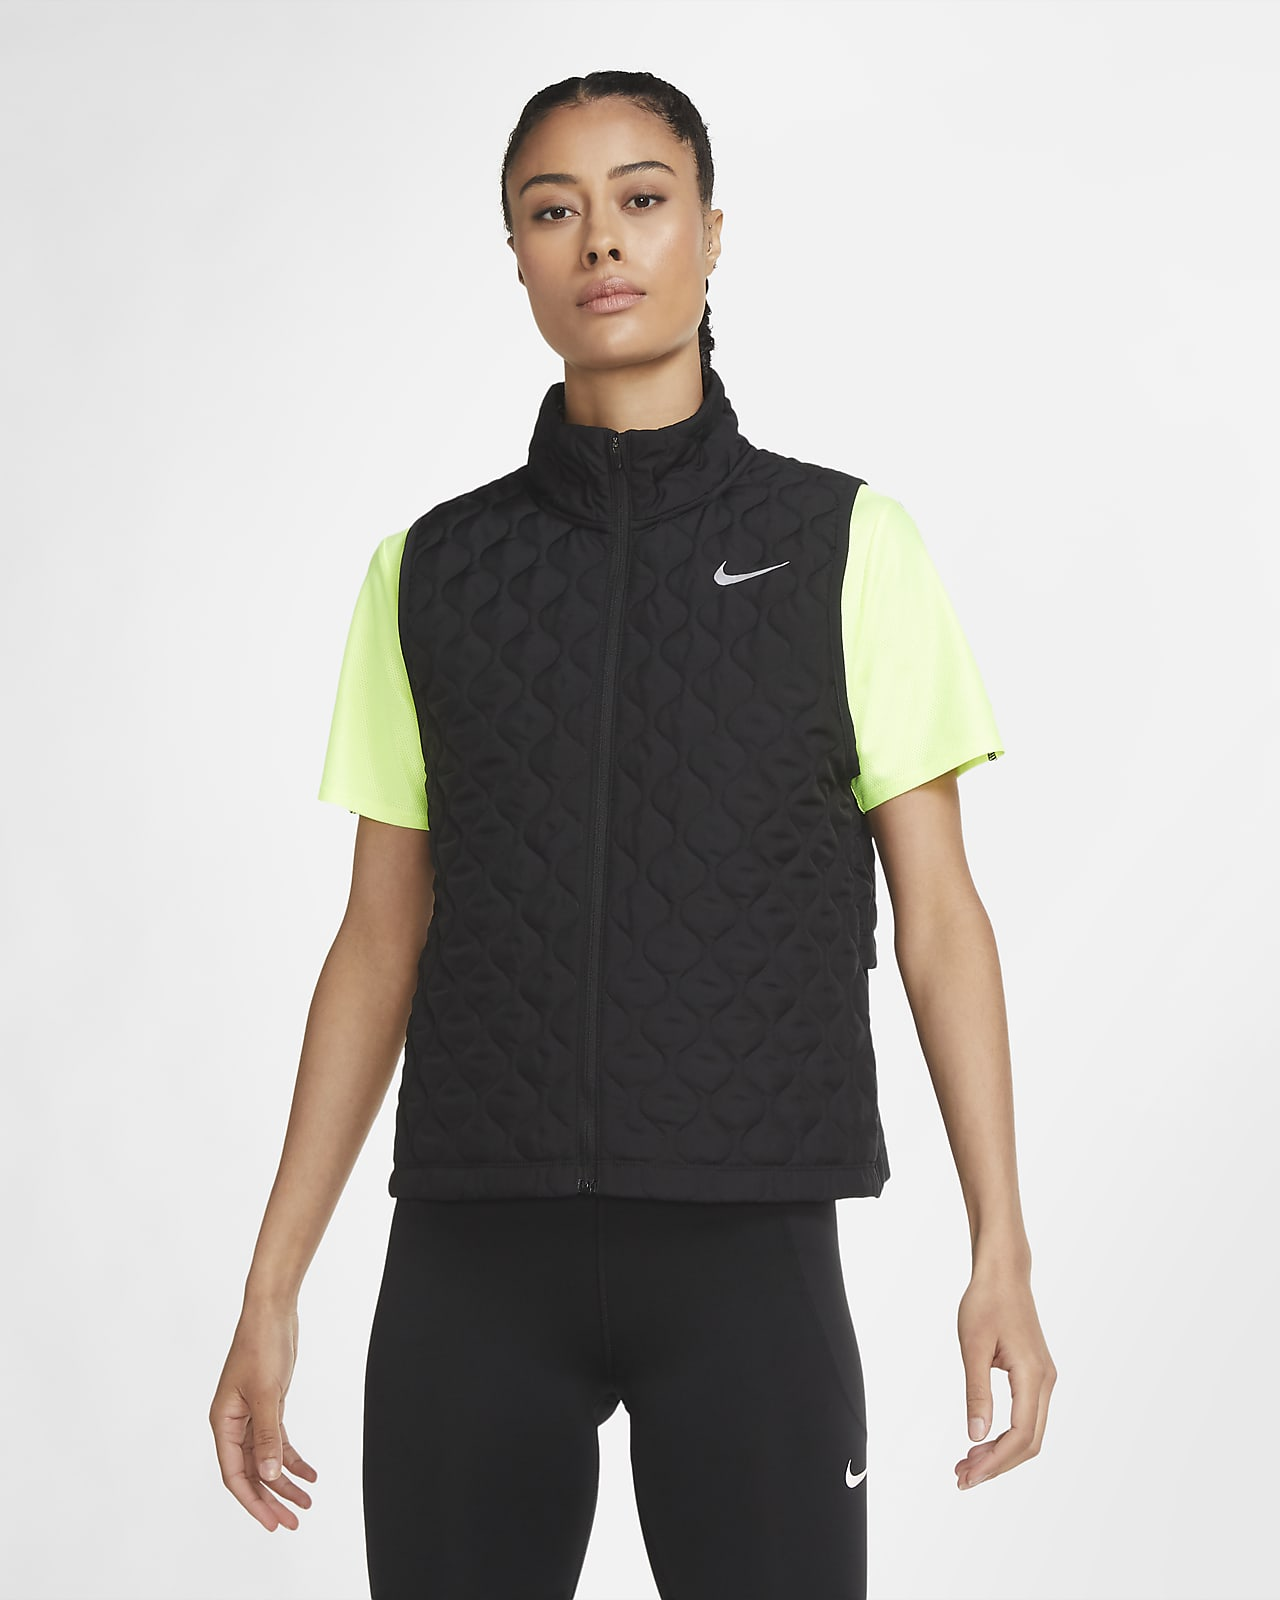 Женский беговой жилет Nike Aerolayer